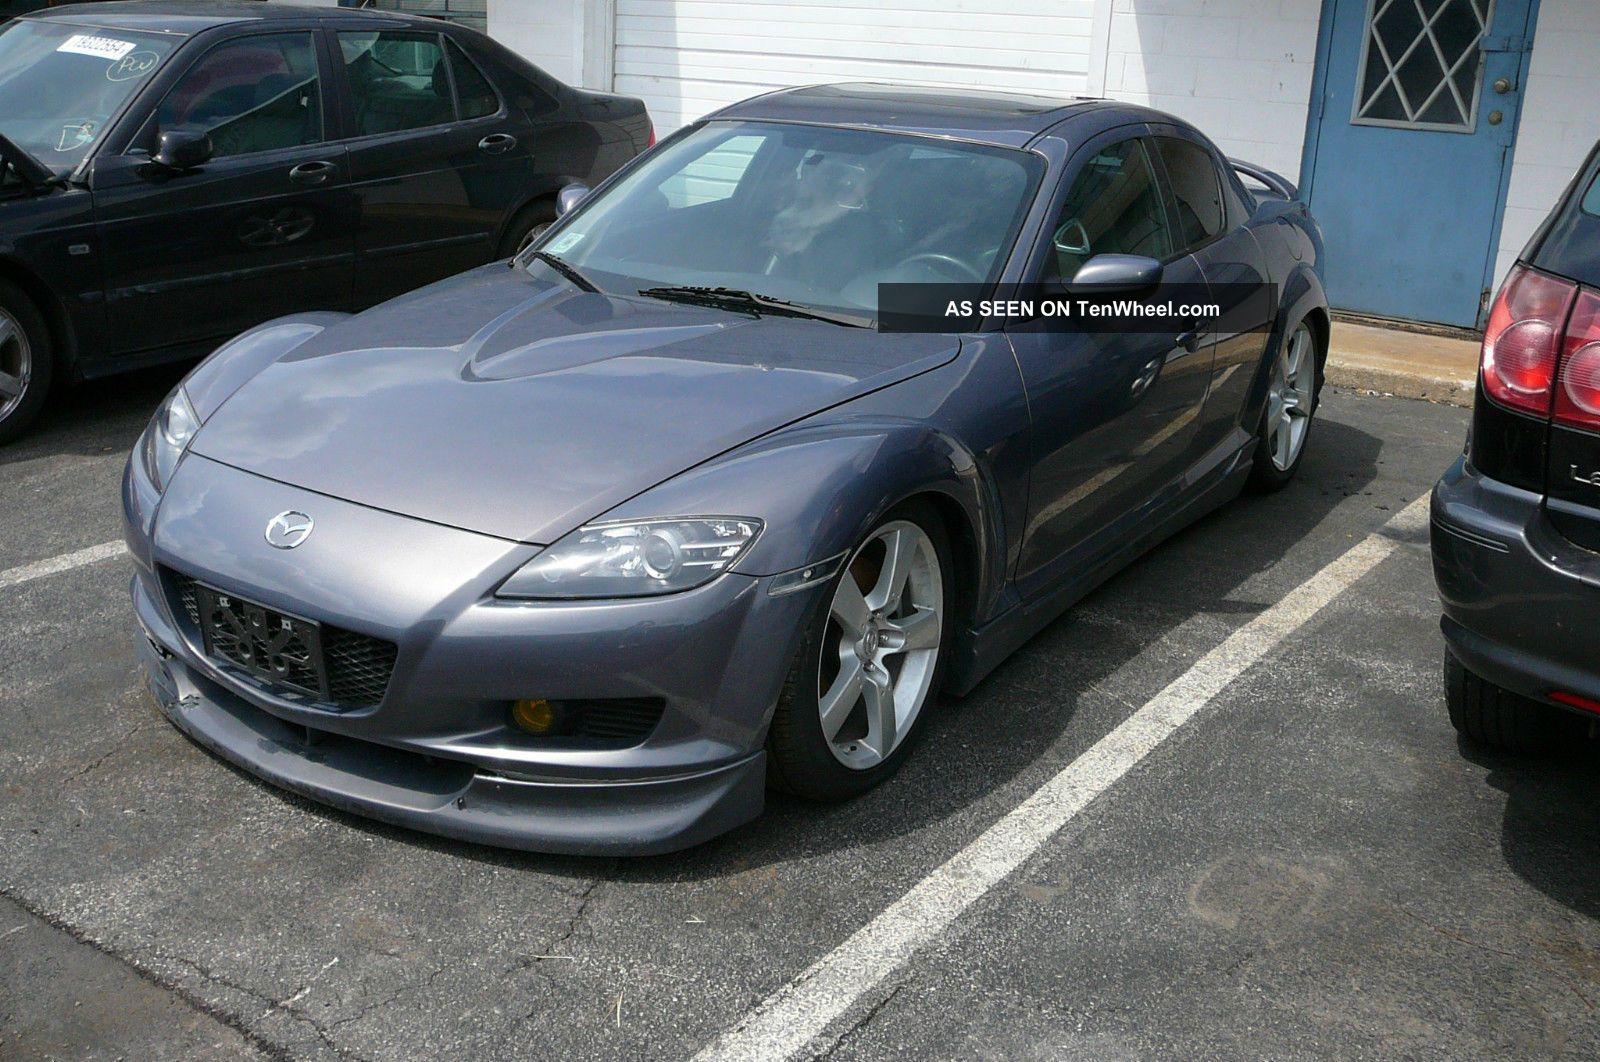 2006 Mazda Rx8 RX-8 photo